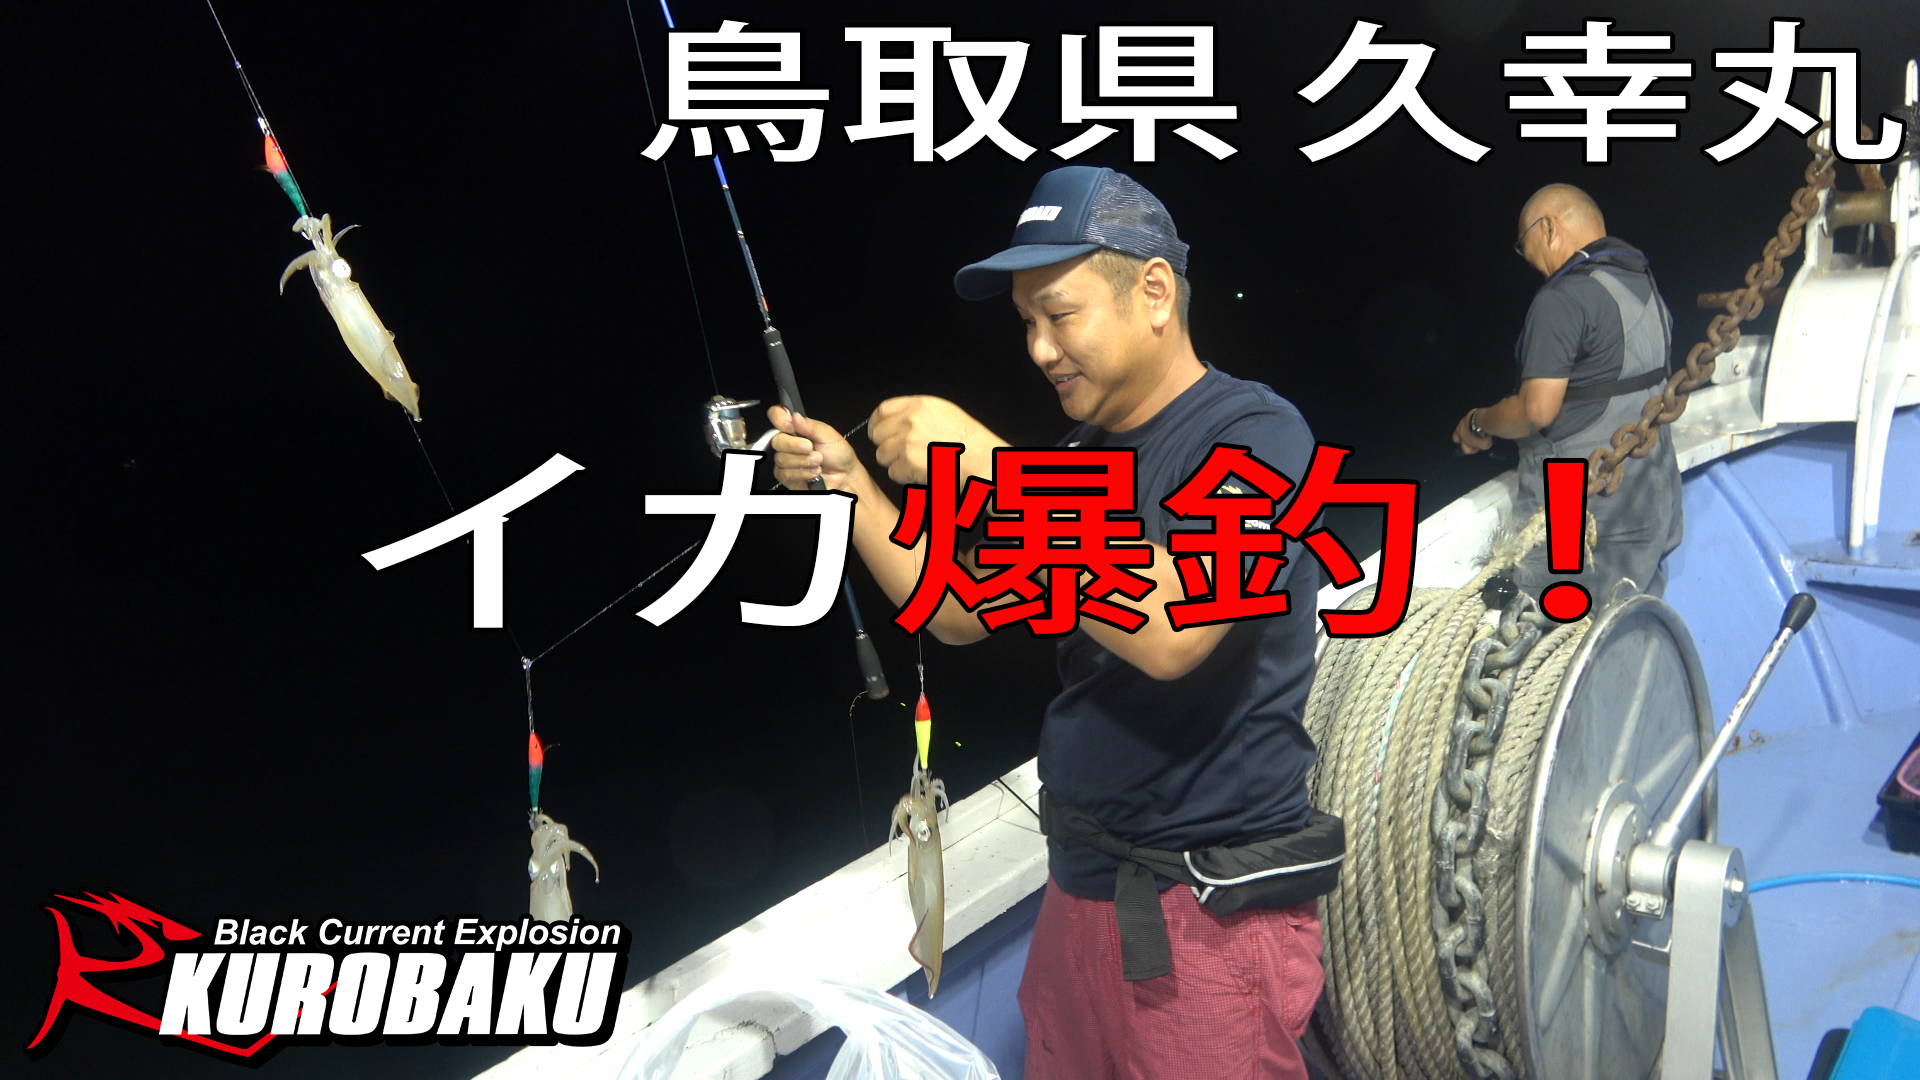 イカメタルゲーム 鳥取県久幸丸のサムネイル画像